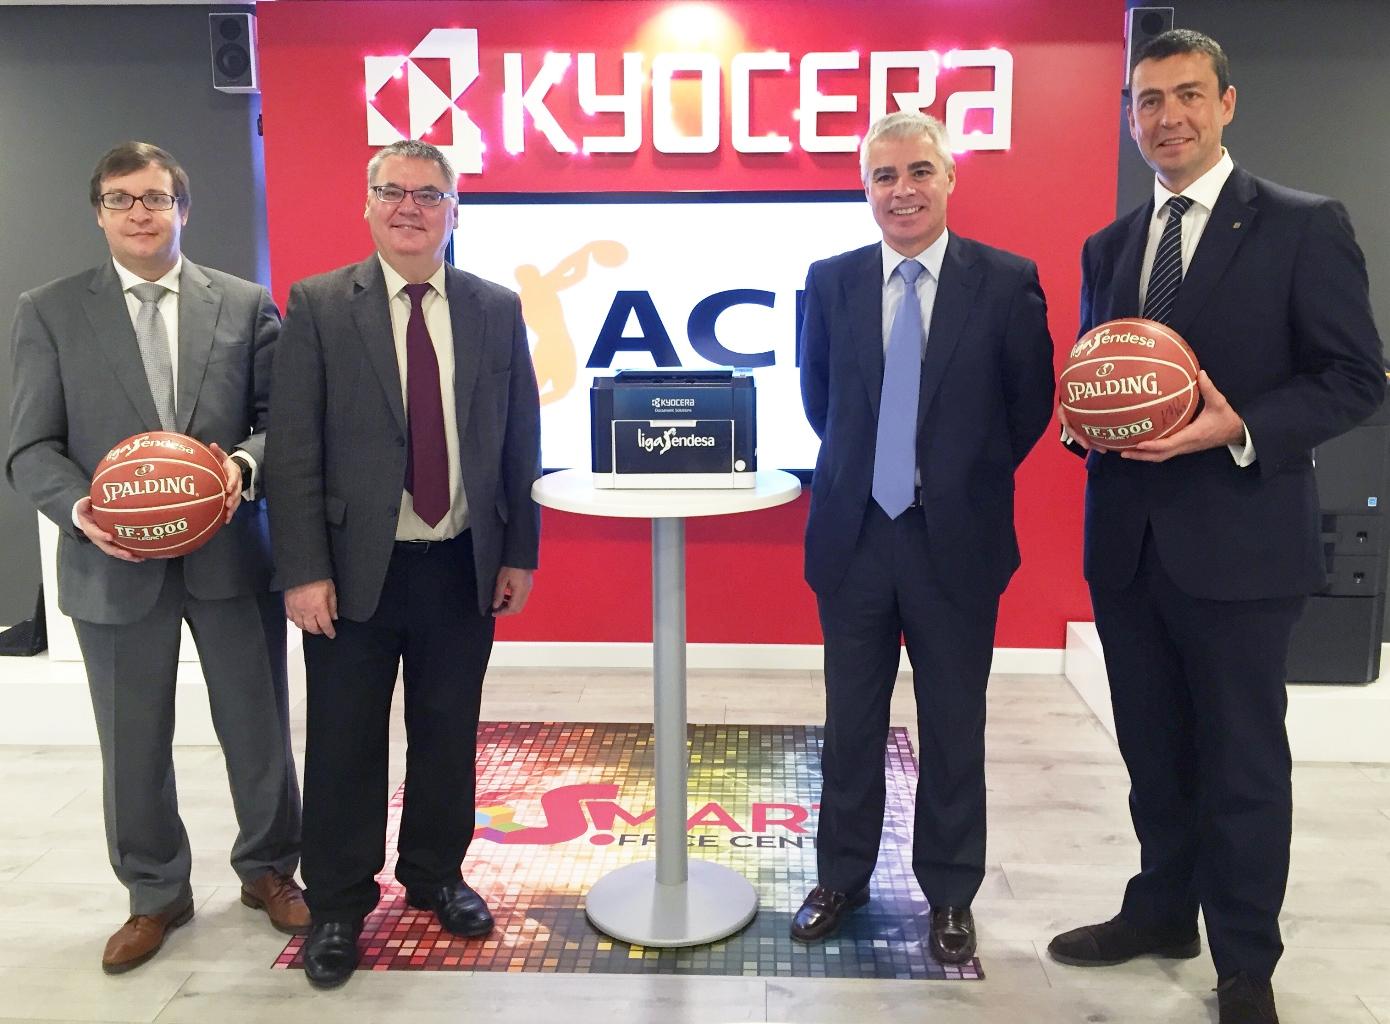 Vive el basket con eduardo burgos acuerdo entre la acb for Endesa oficinas barcelona